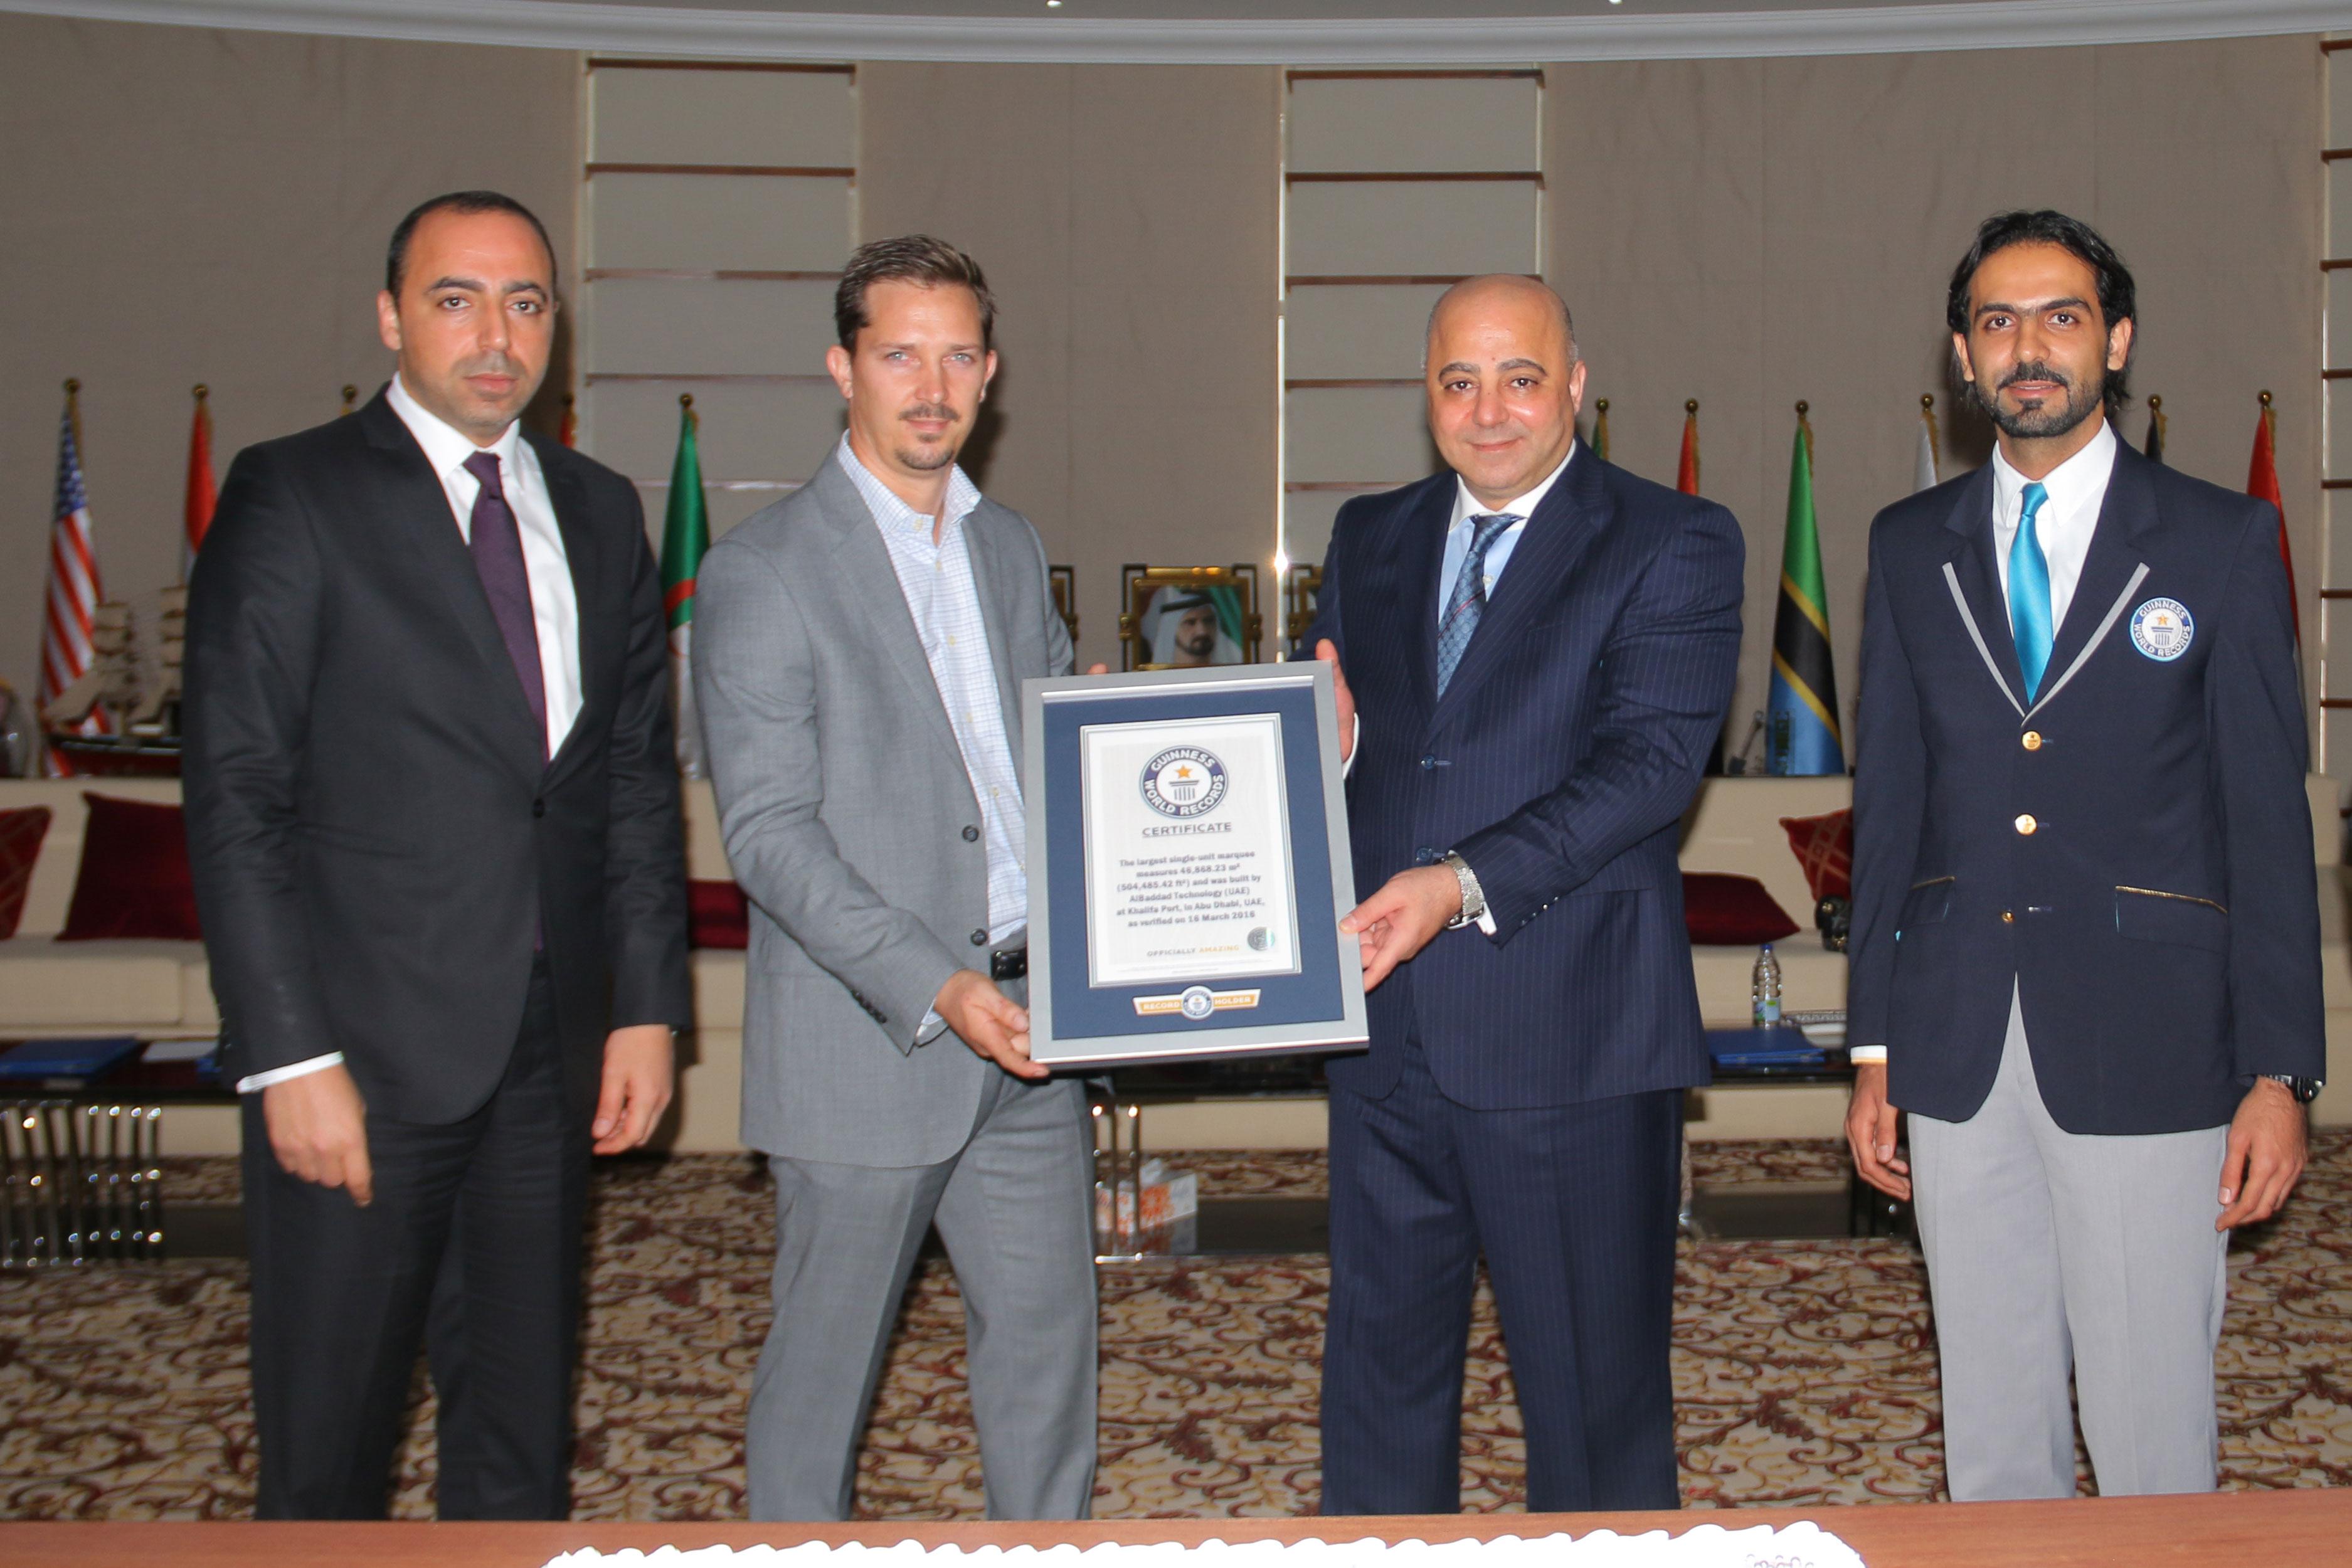 صورة الإمارات ومجموعة البداد يدخلان موسوعة غينيس بأكبر مستودع في العالم الامارات العربية المتحدة